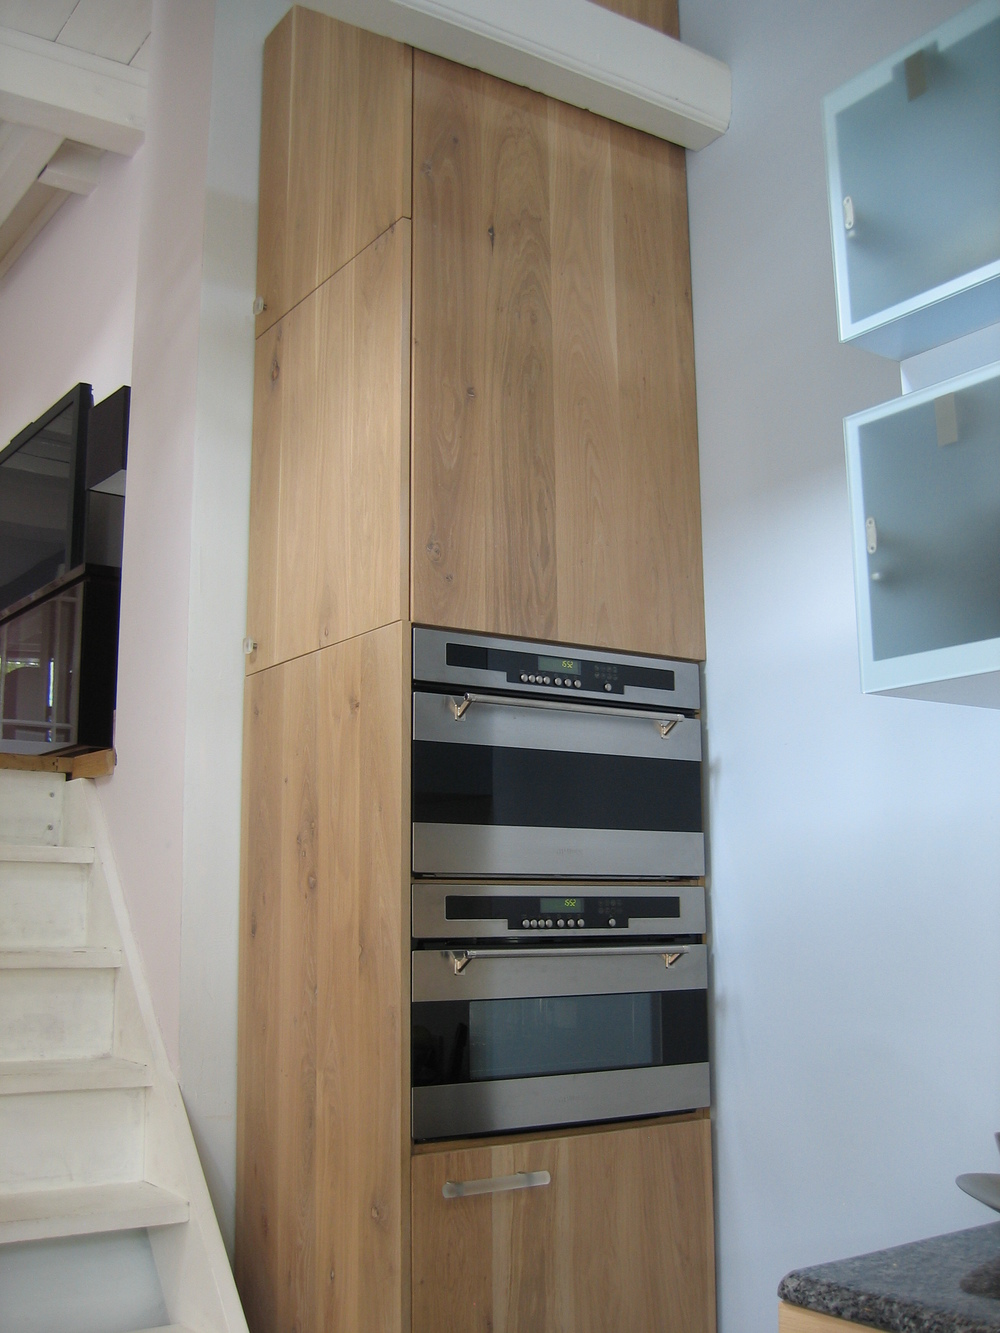 kolomkast voor inbouwapparatuur, vanaf twee zijdes toegankelijk